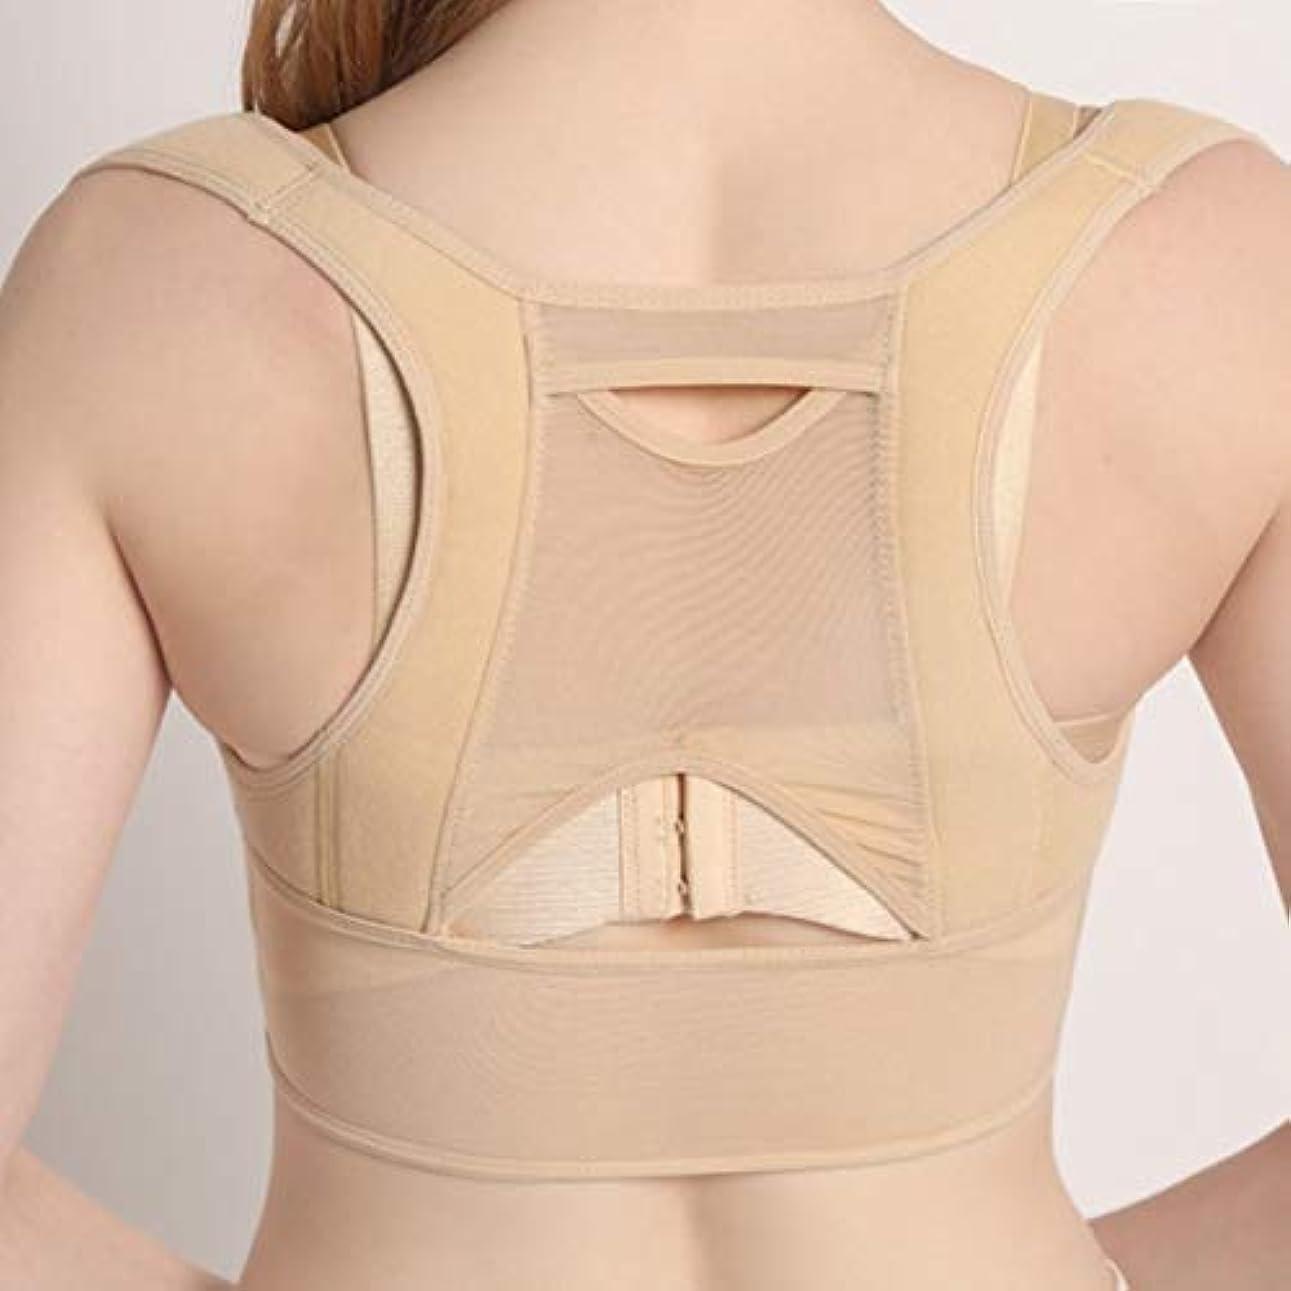 合計ピルファー思想通気性のある女性の背中の姿勢矯正コルセット整形外科の背中の肩の背骨の姿勢矯正腰椎サポート - ベージュホワイトL